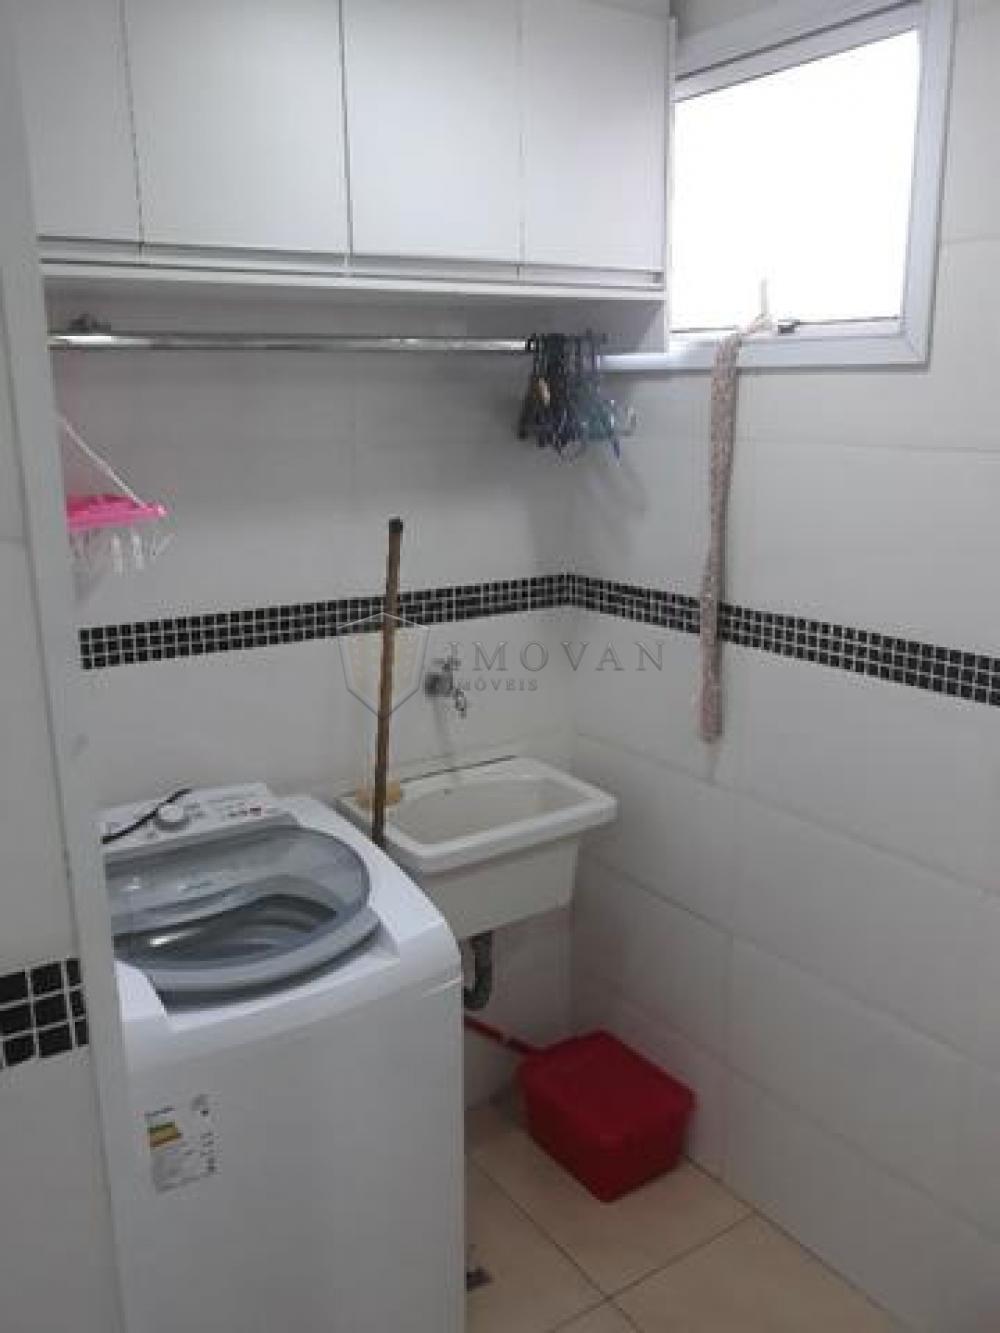 Comprar Apartamento / Padrão em Bonfim Paulista apenas R$ 299.000,00 - Foto 4